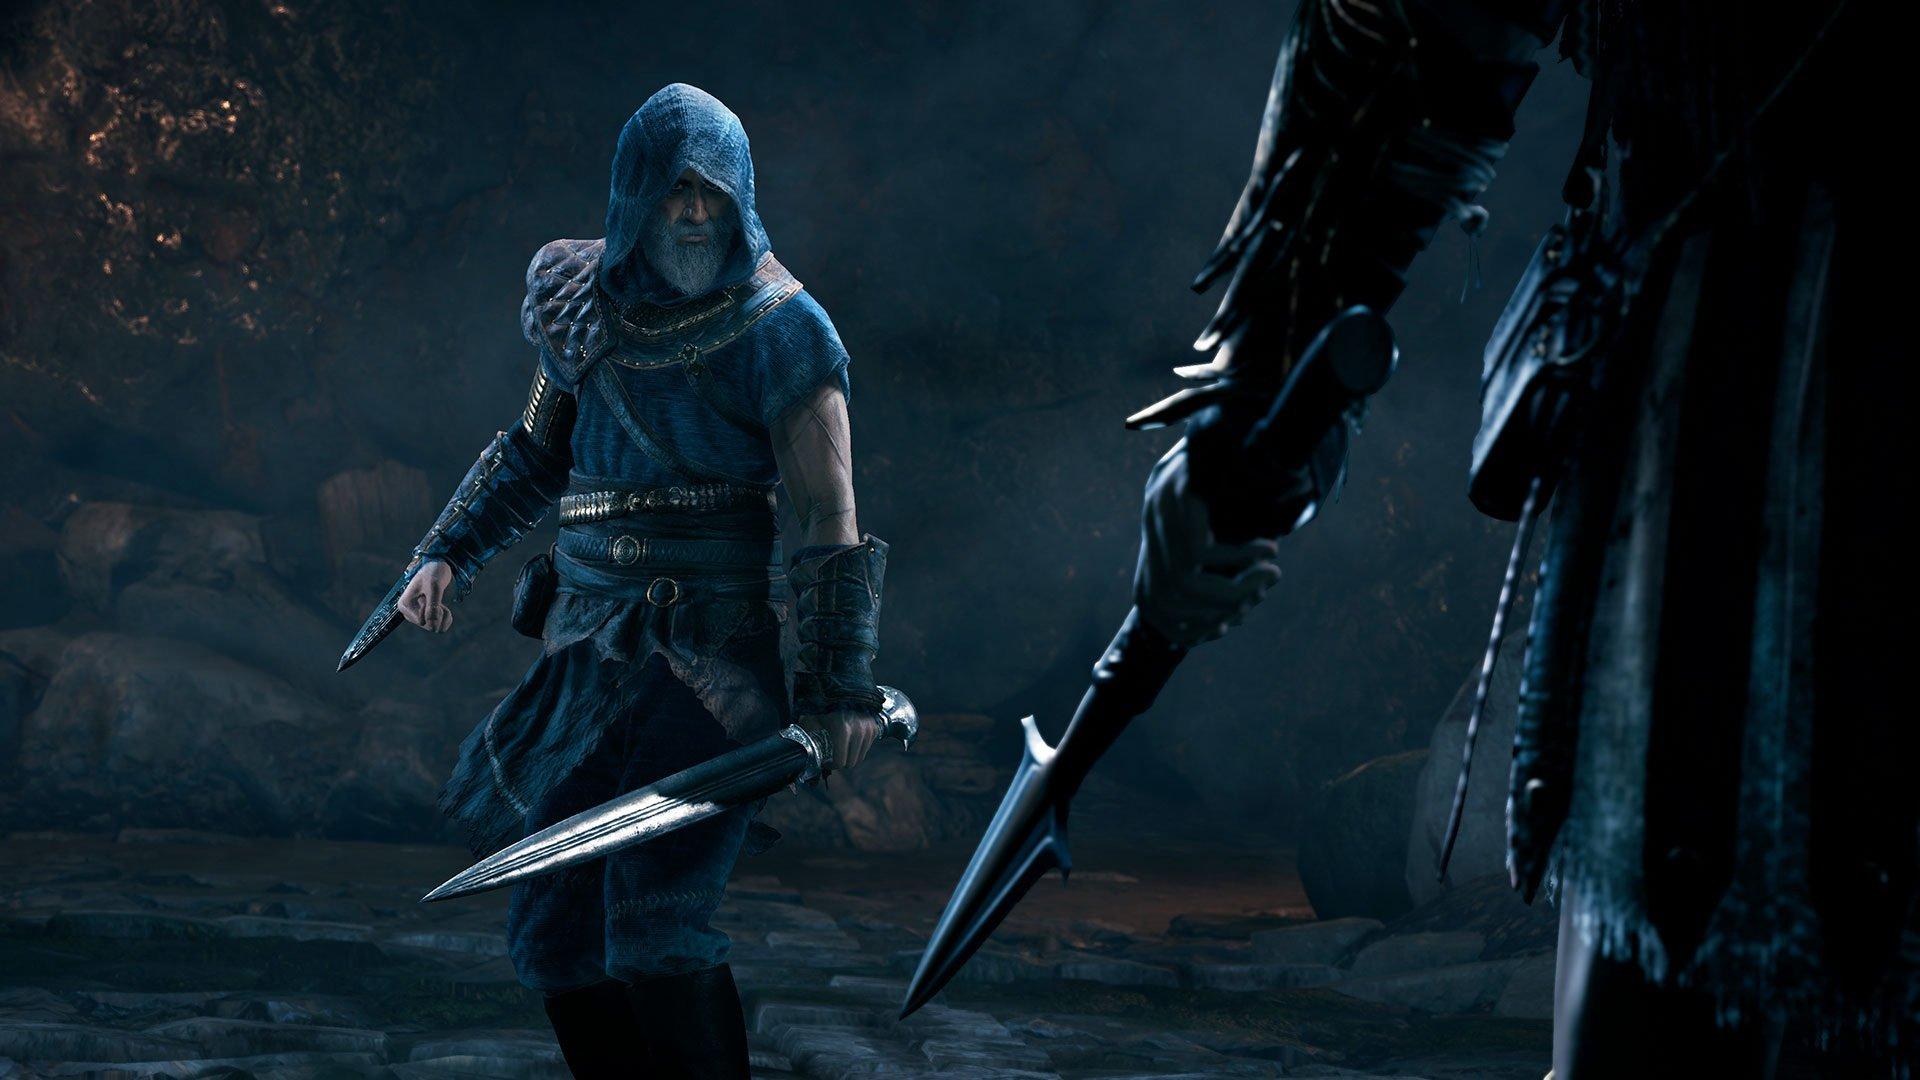 Voici le premier DLC pour Assassin's Creed Odyssey